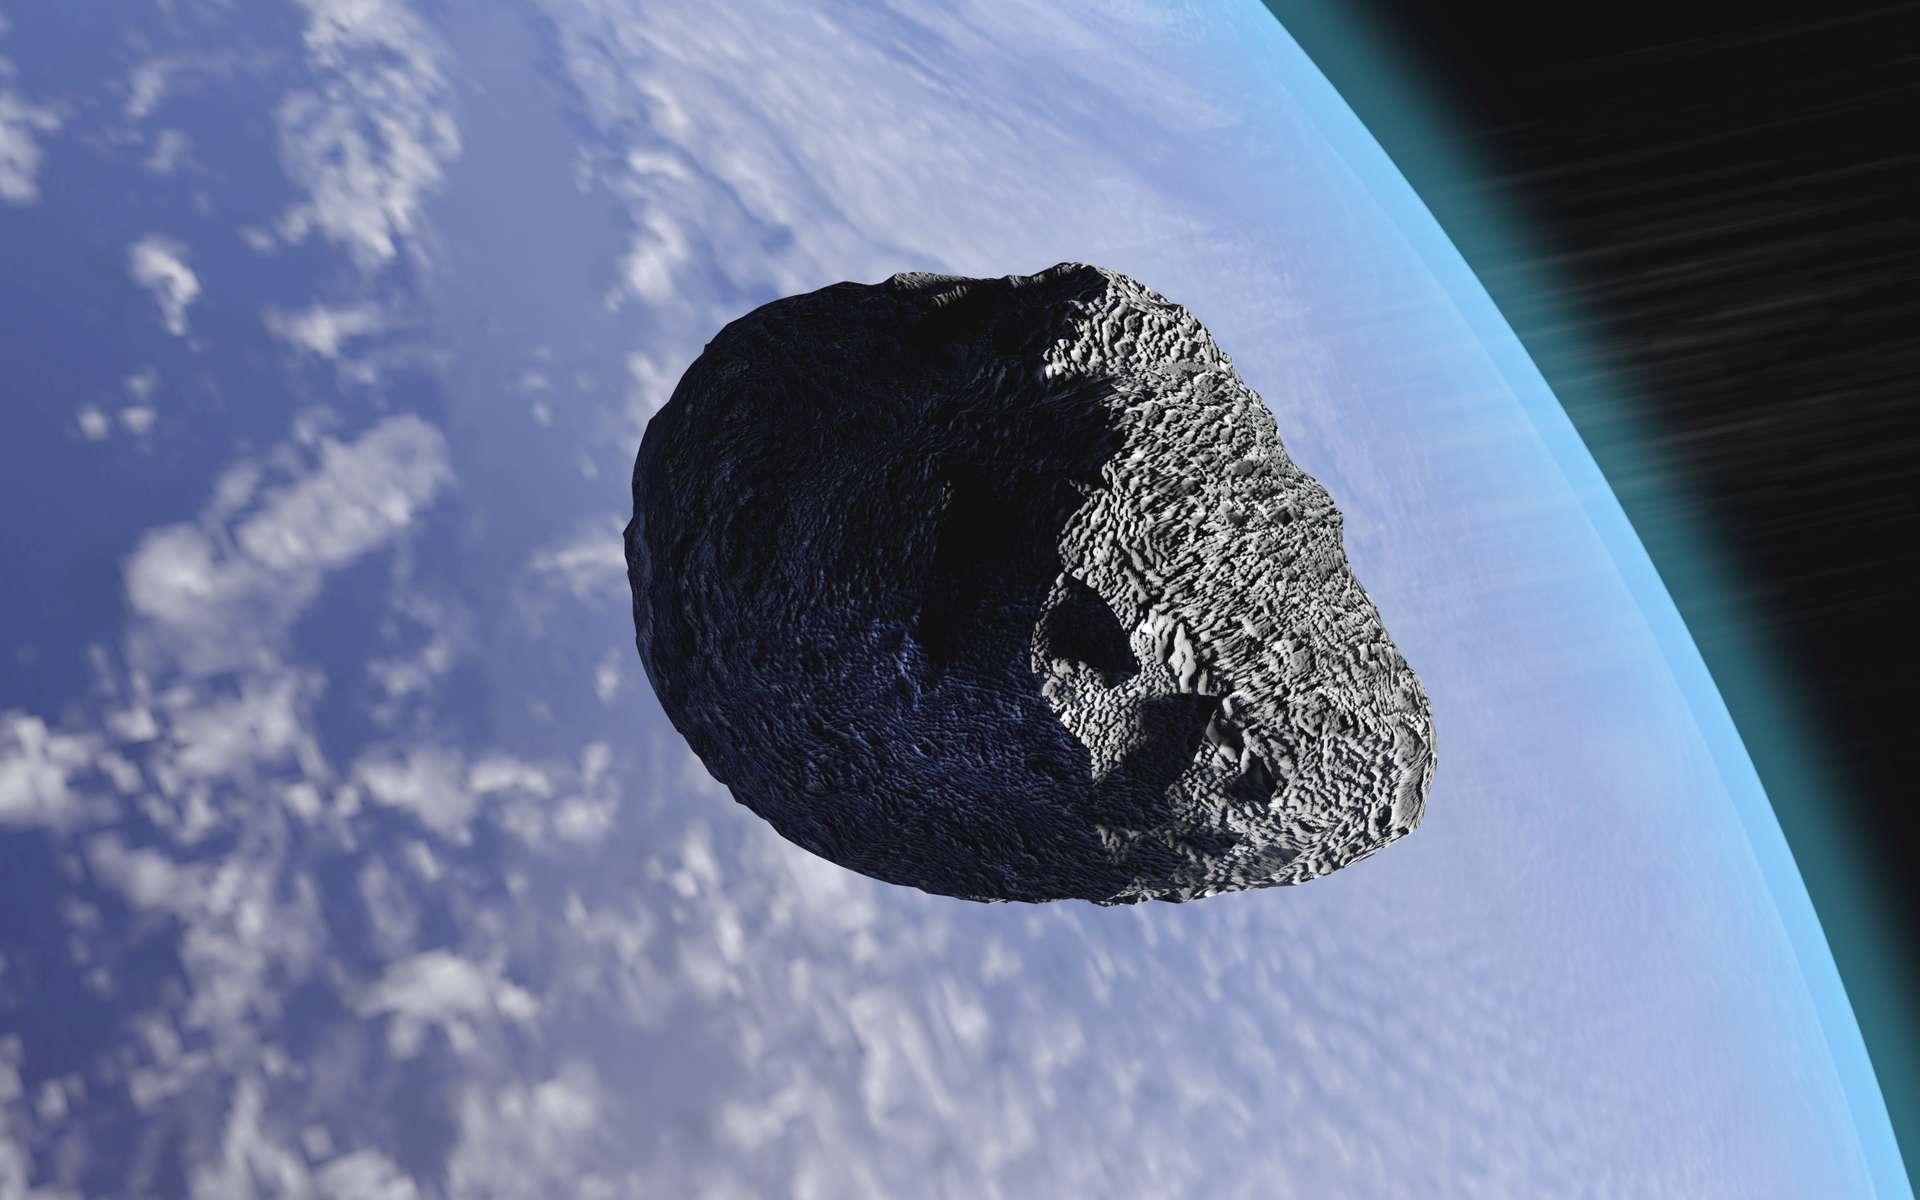 Une vue d'artiste d'un astéroïde géocroiseur. © auntspray, fotolia